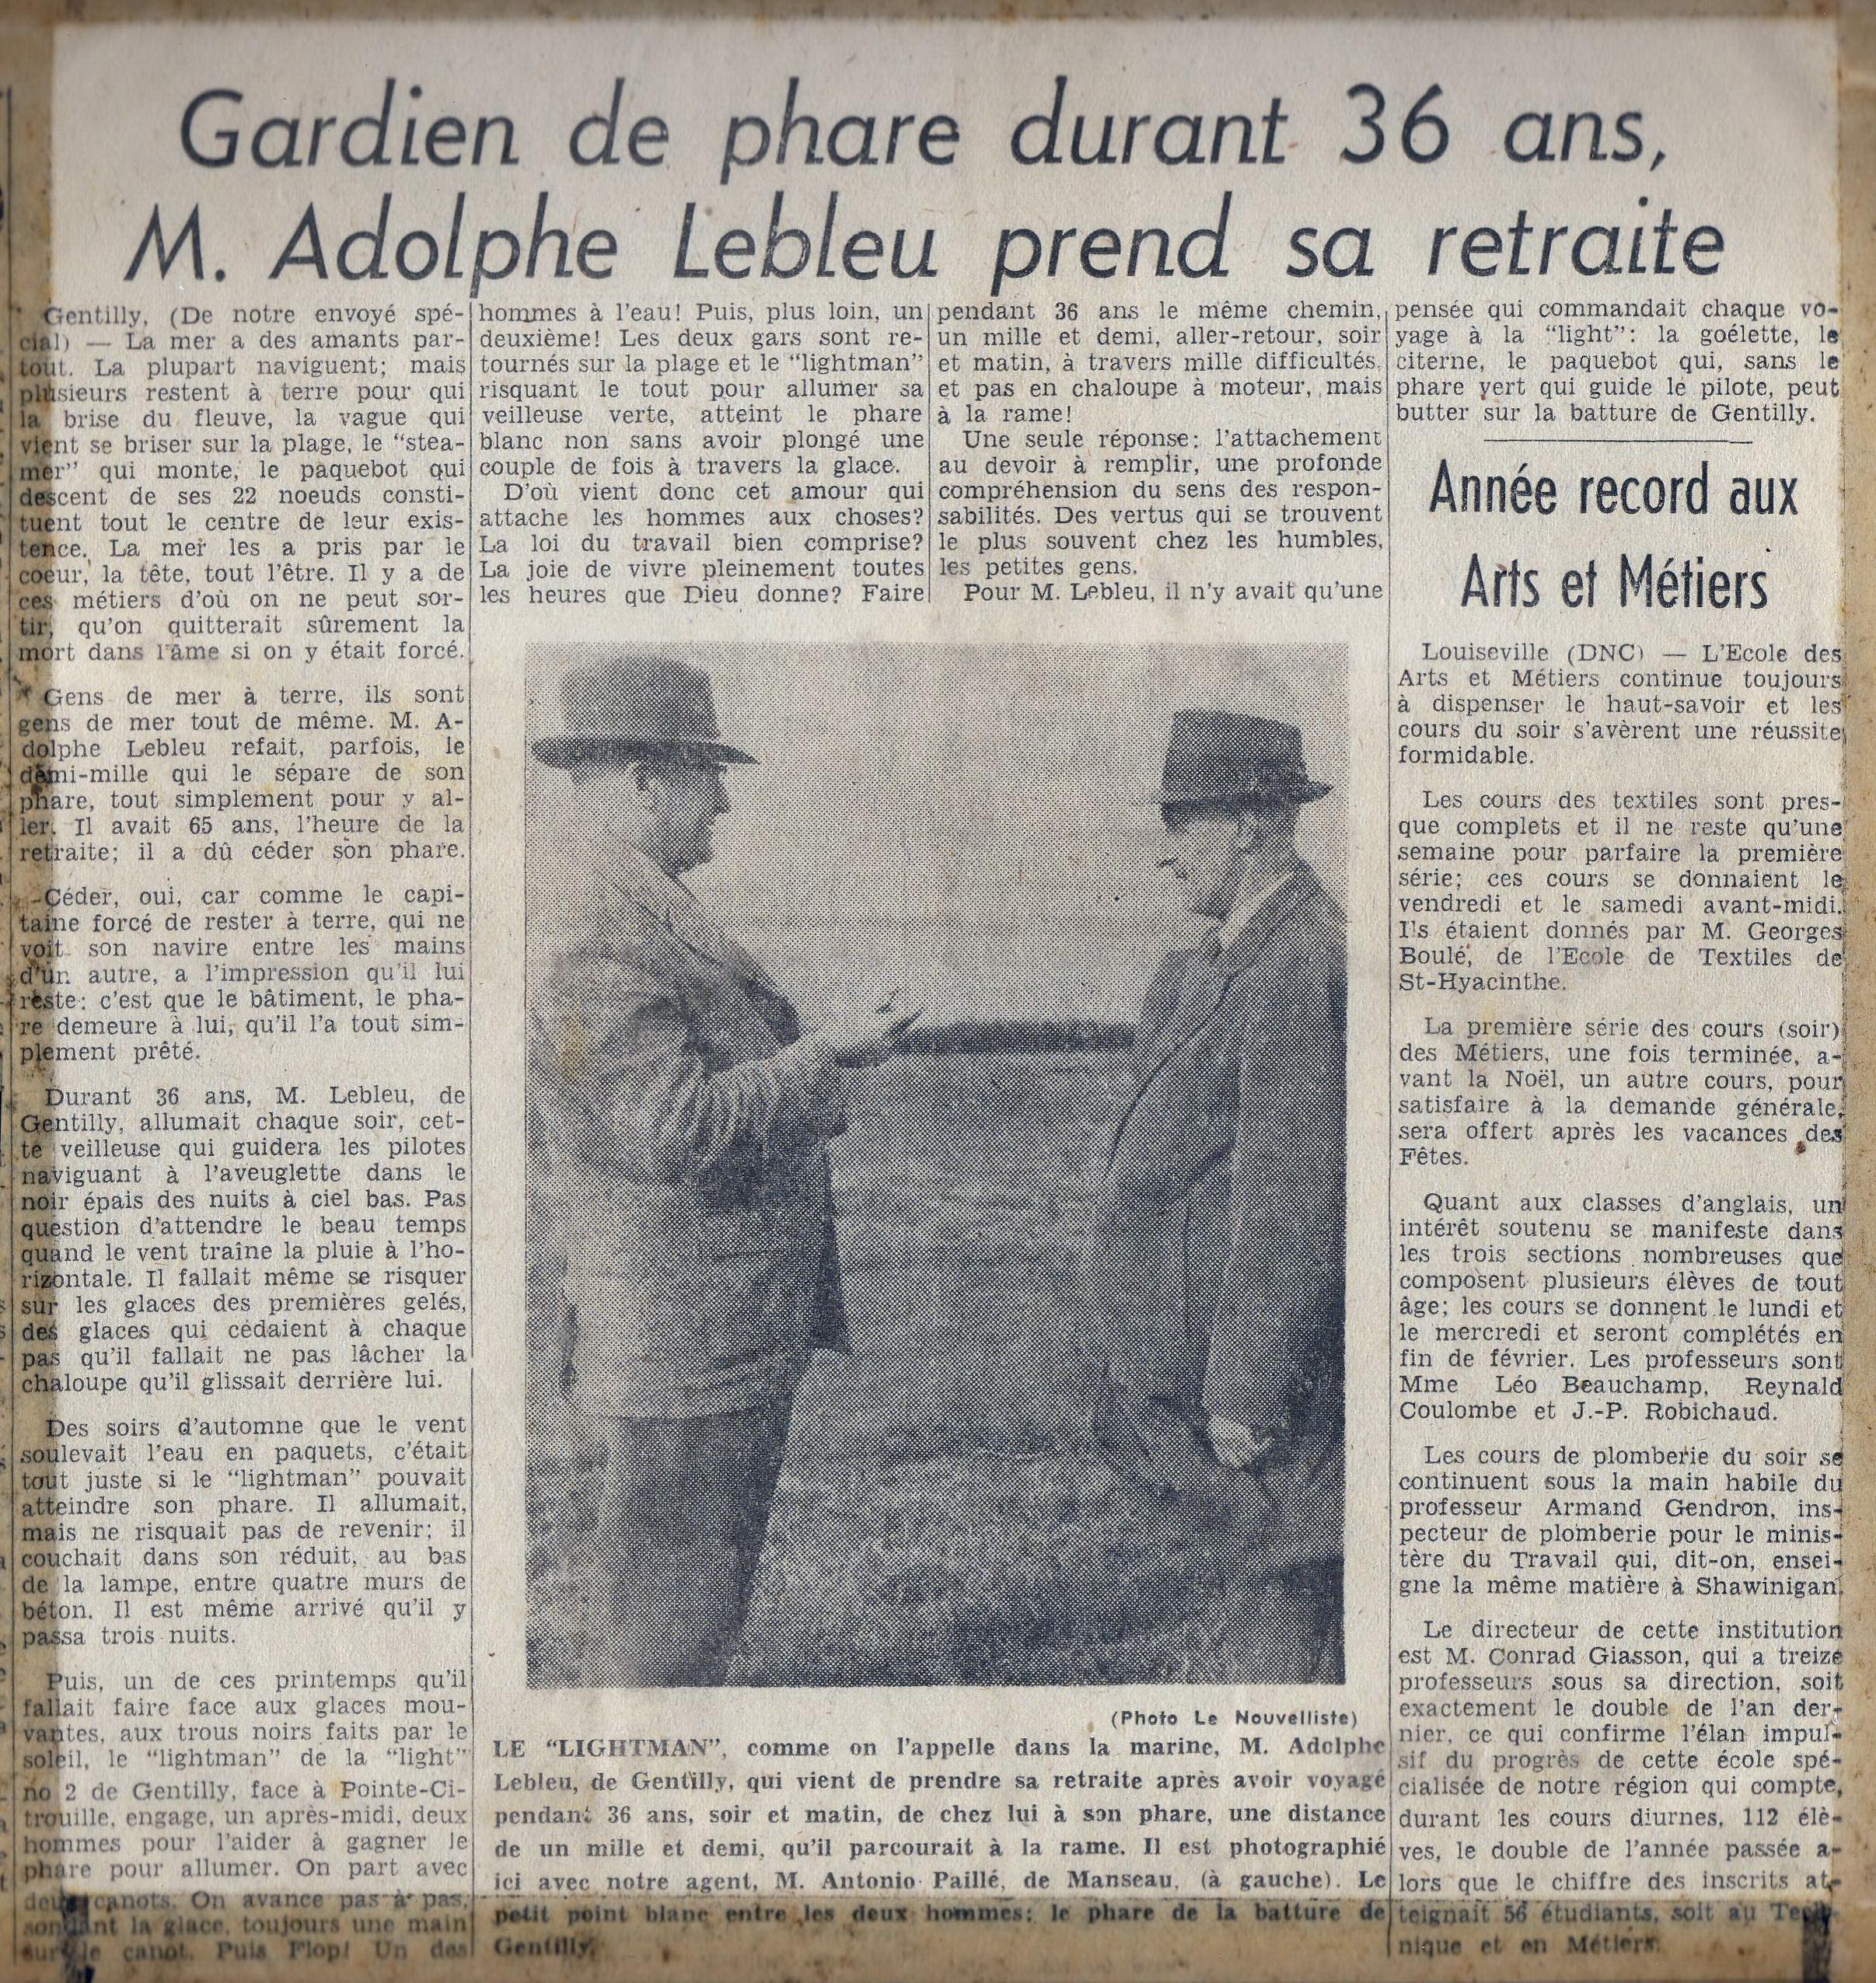 La véritable histoire d'Adolphe Lebleu. Article du journal Le Nouvelliste (Trois-Rivières, date indéterminée)